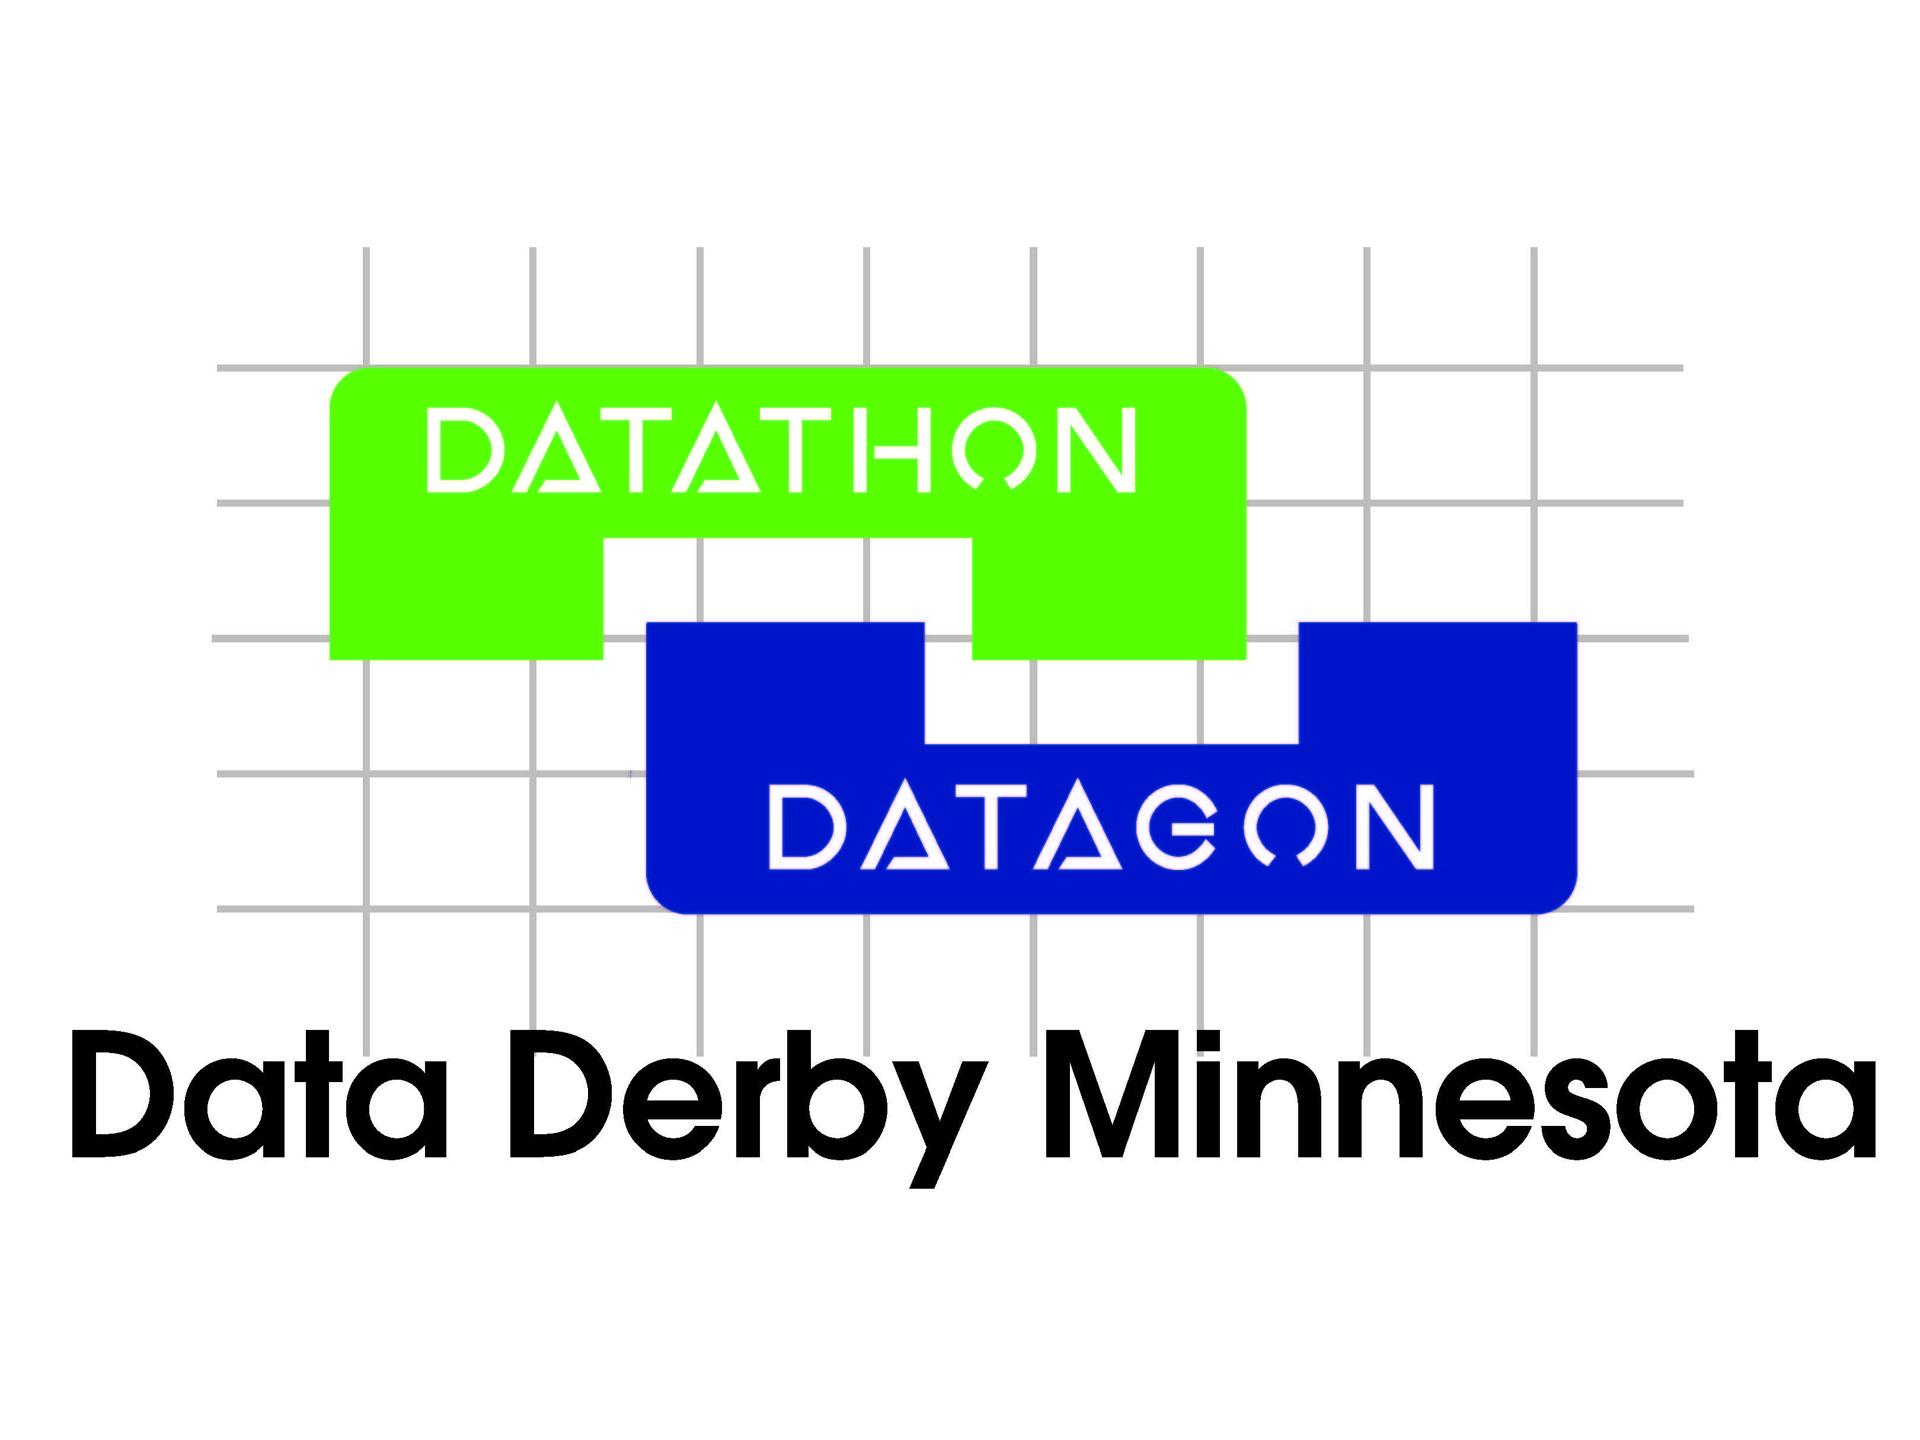 Data Derby